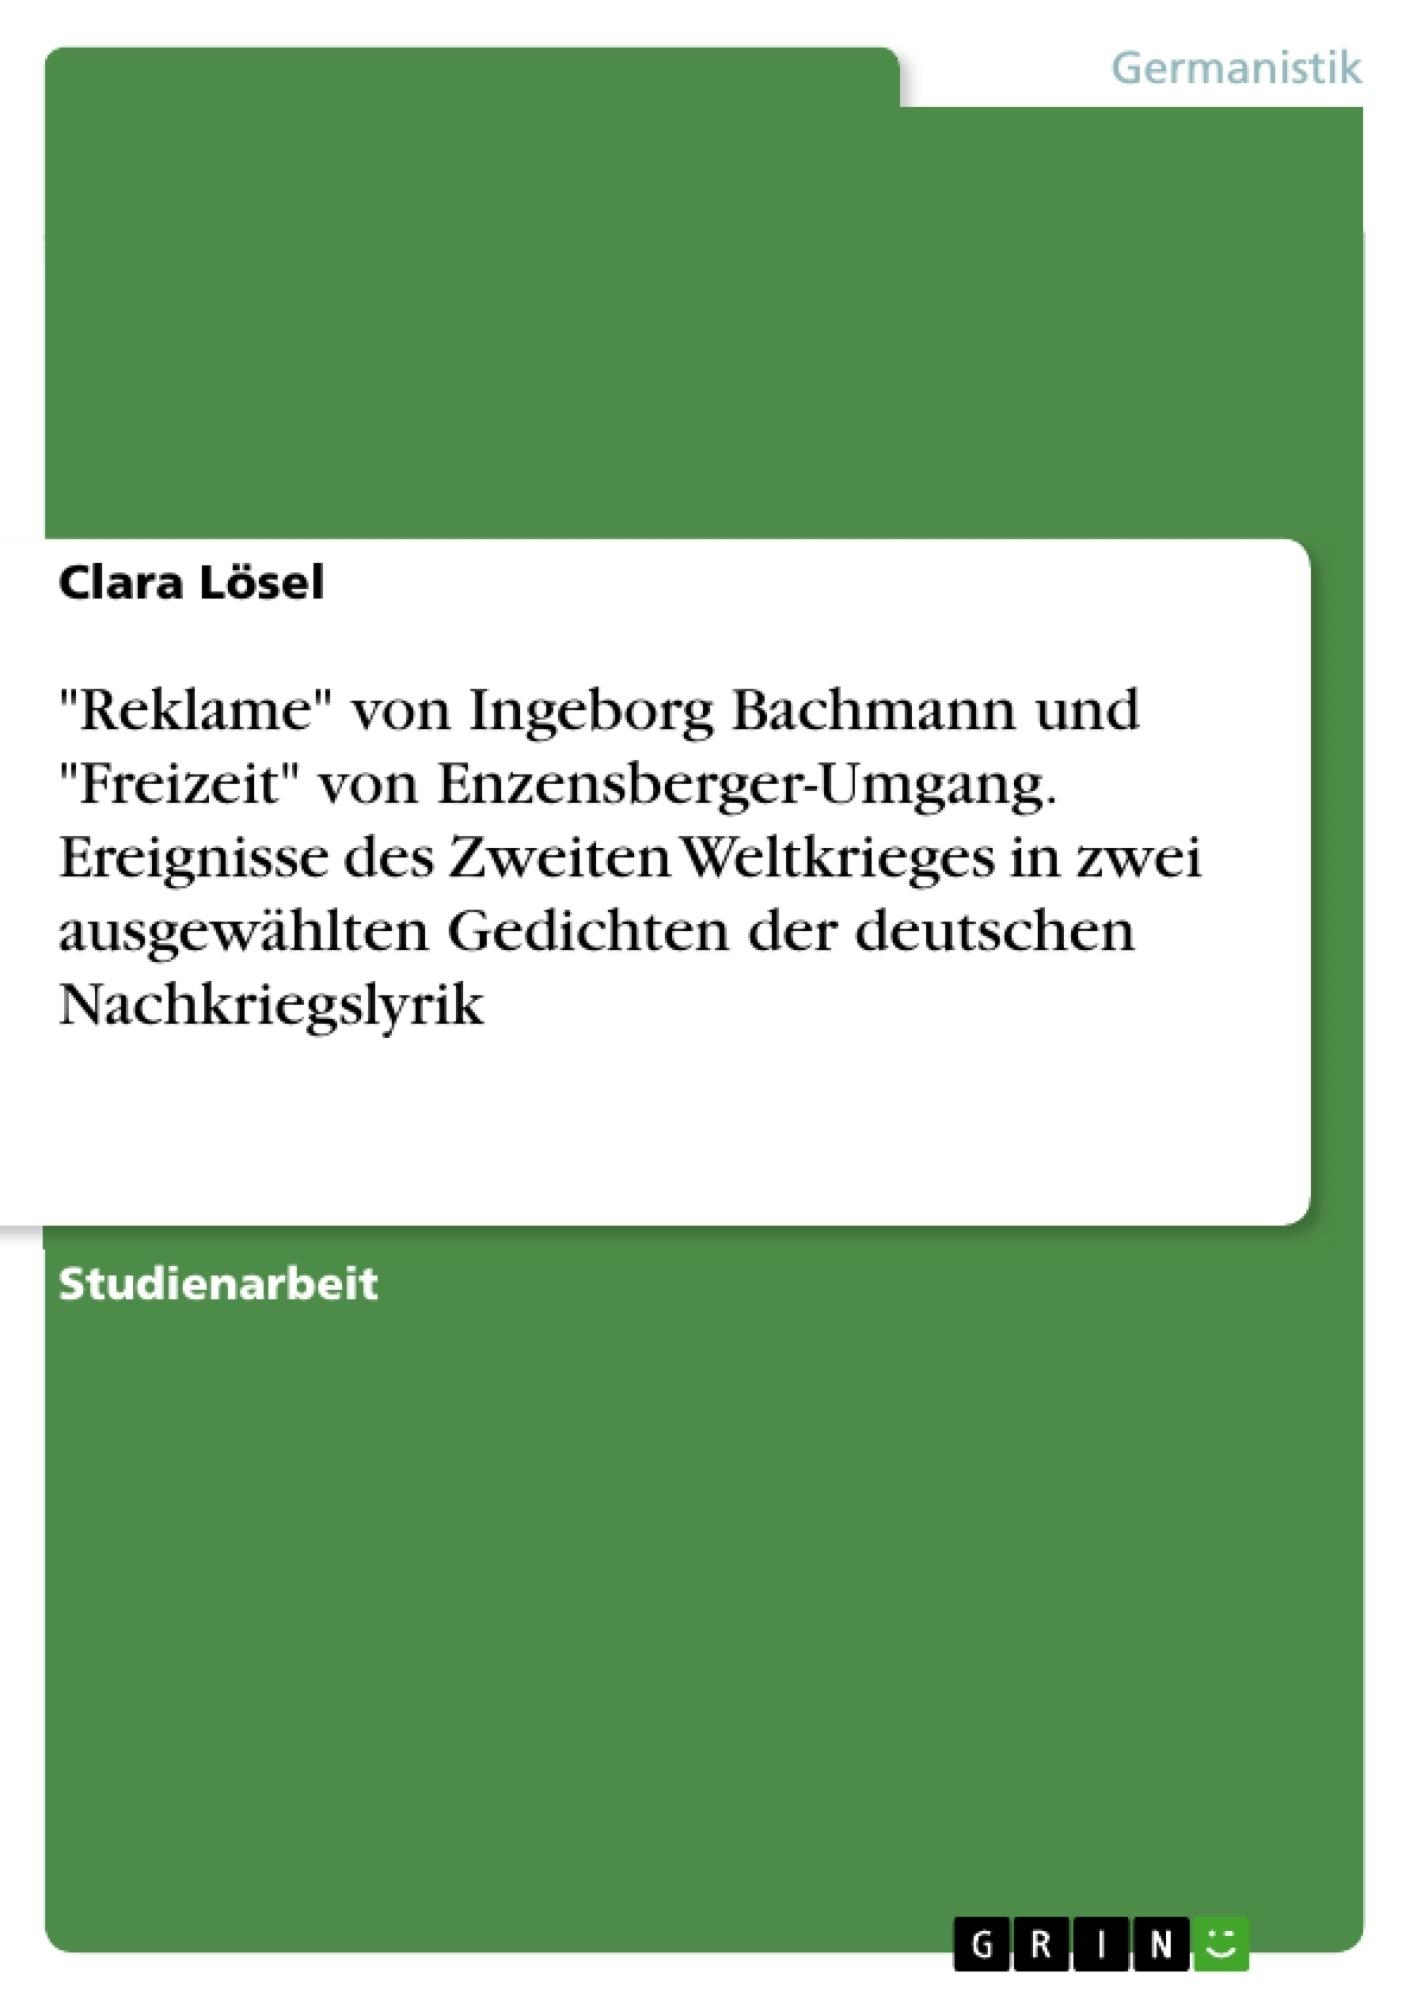 """Titel: """"Reklame"""" von Ingeborg Bachmann und """"Freizeit"""" von Enzensberger-Umgang. Ereignisse des Zweiten Weltkrieges in zwei ausgewählten Gedichten der deutschen Nachkriegslyrik"""